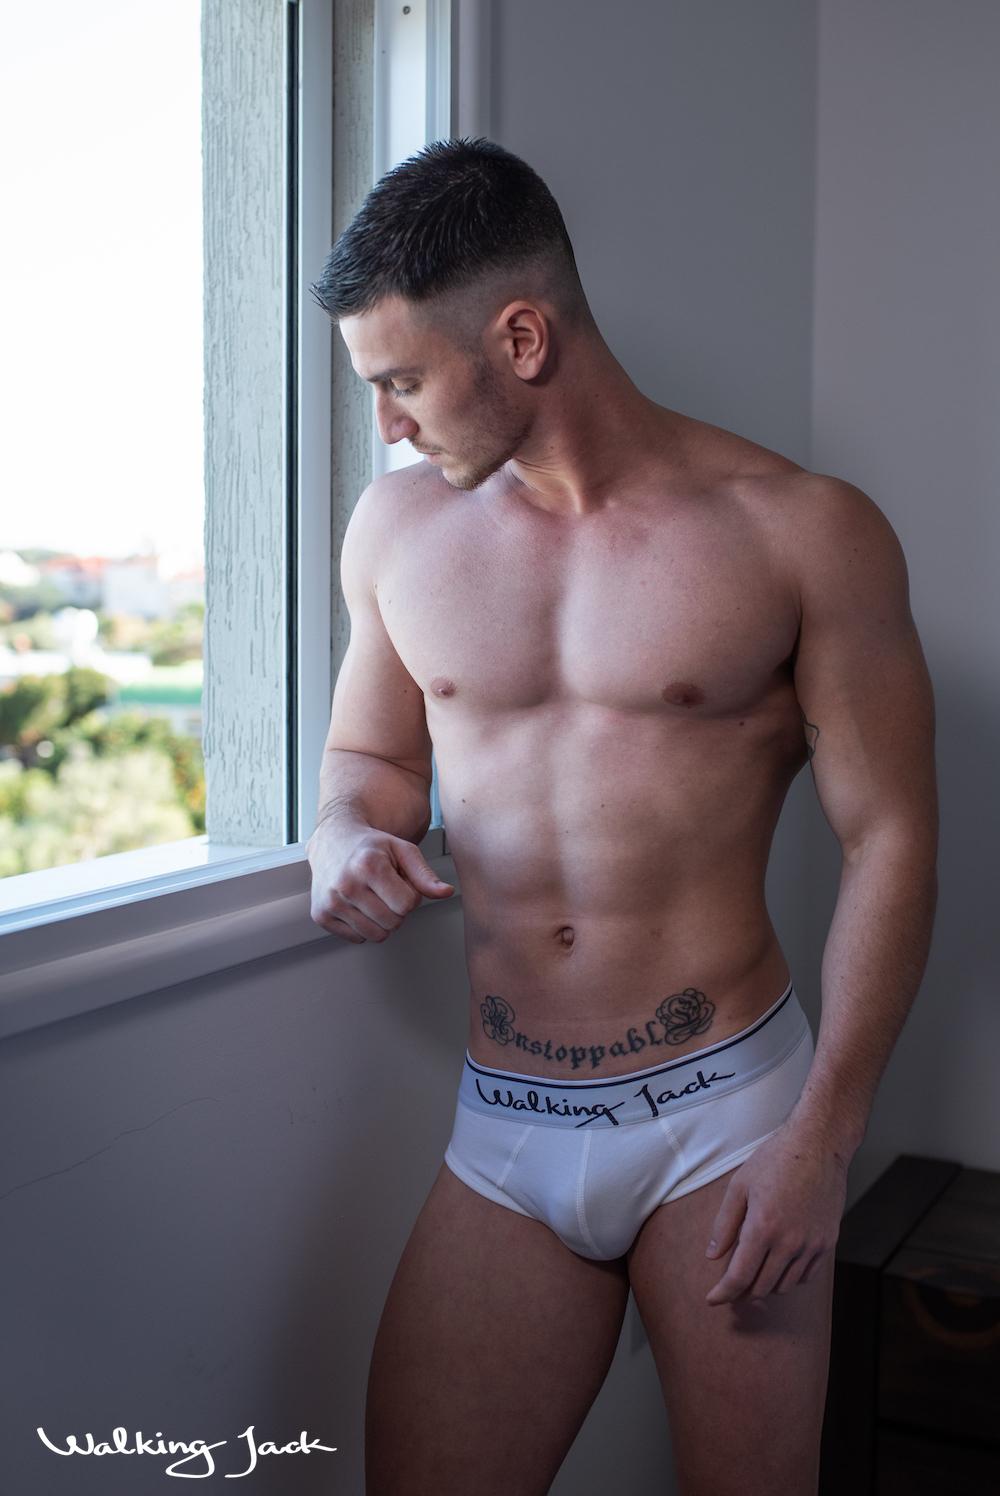 Walking Jack underwear